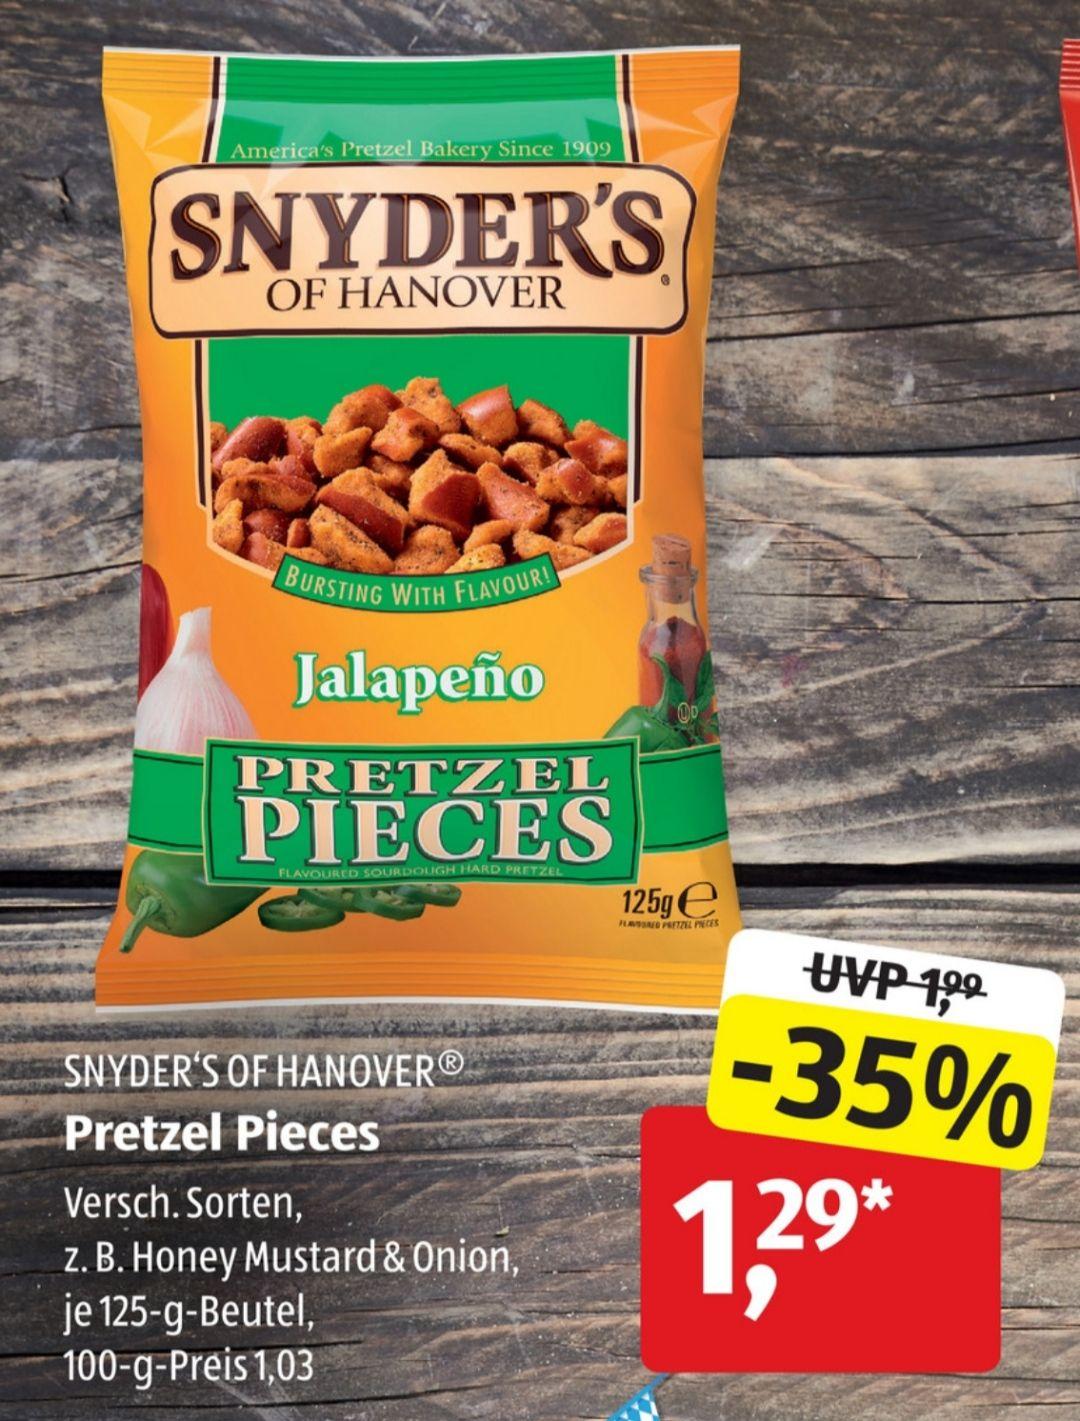 [Aldi Süd] Snyder's Of Hanover mit Coupies Cashback für effektiv 0,79€ (5x pro acc möglich)